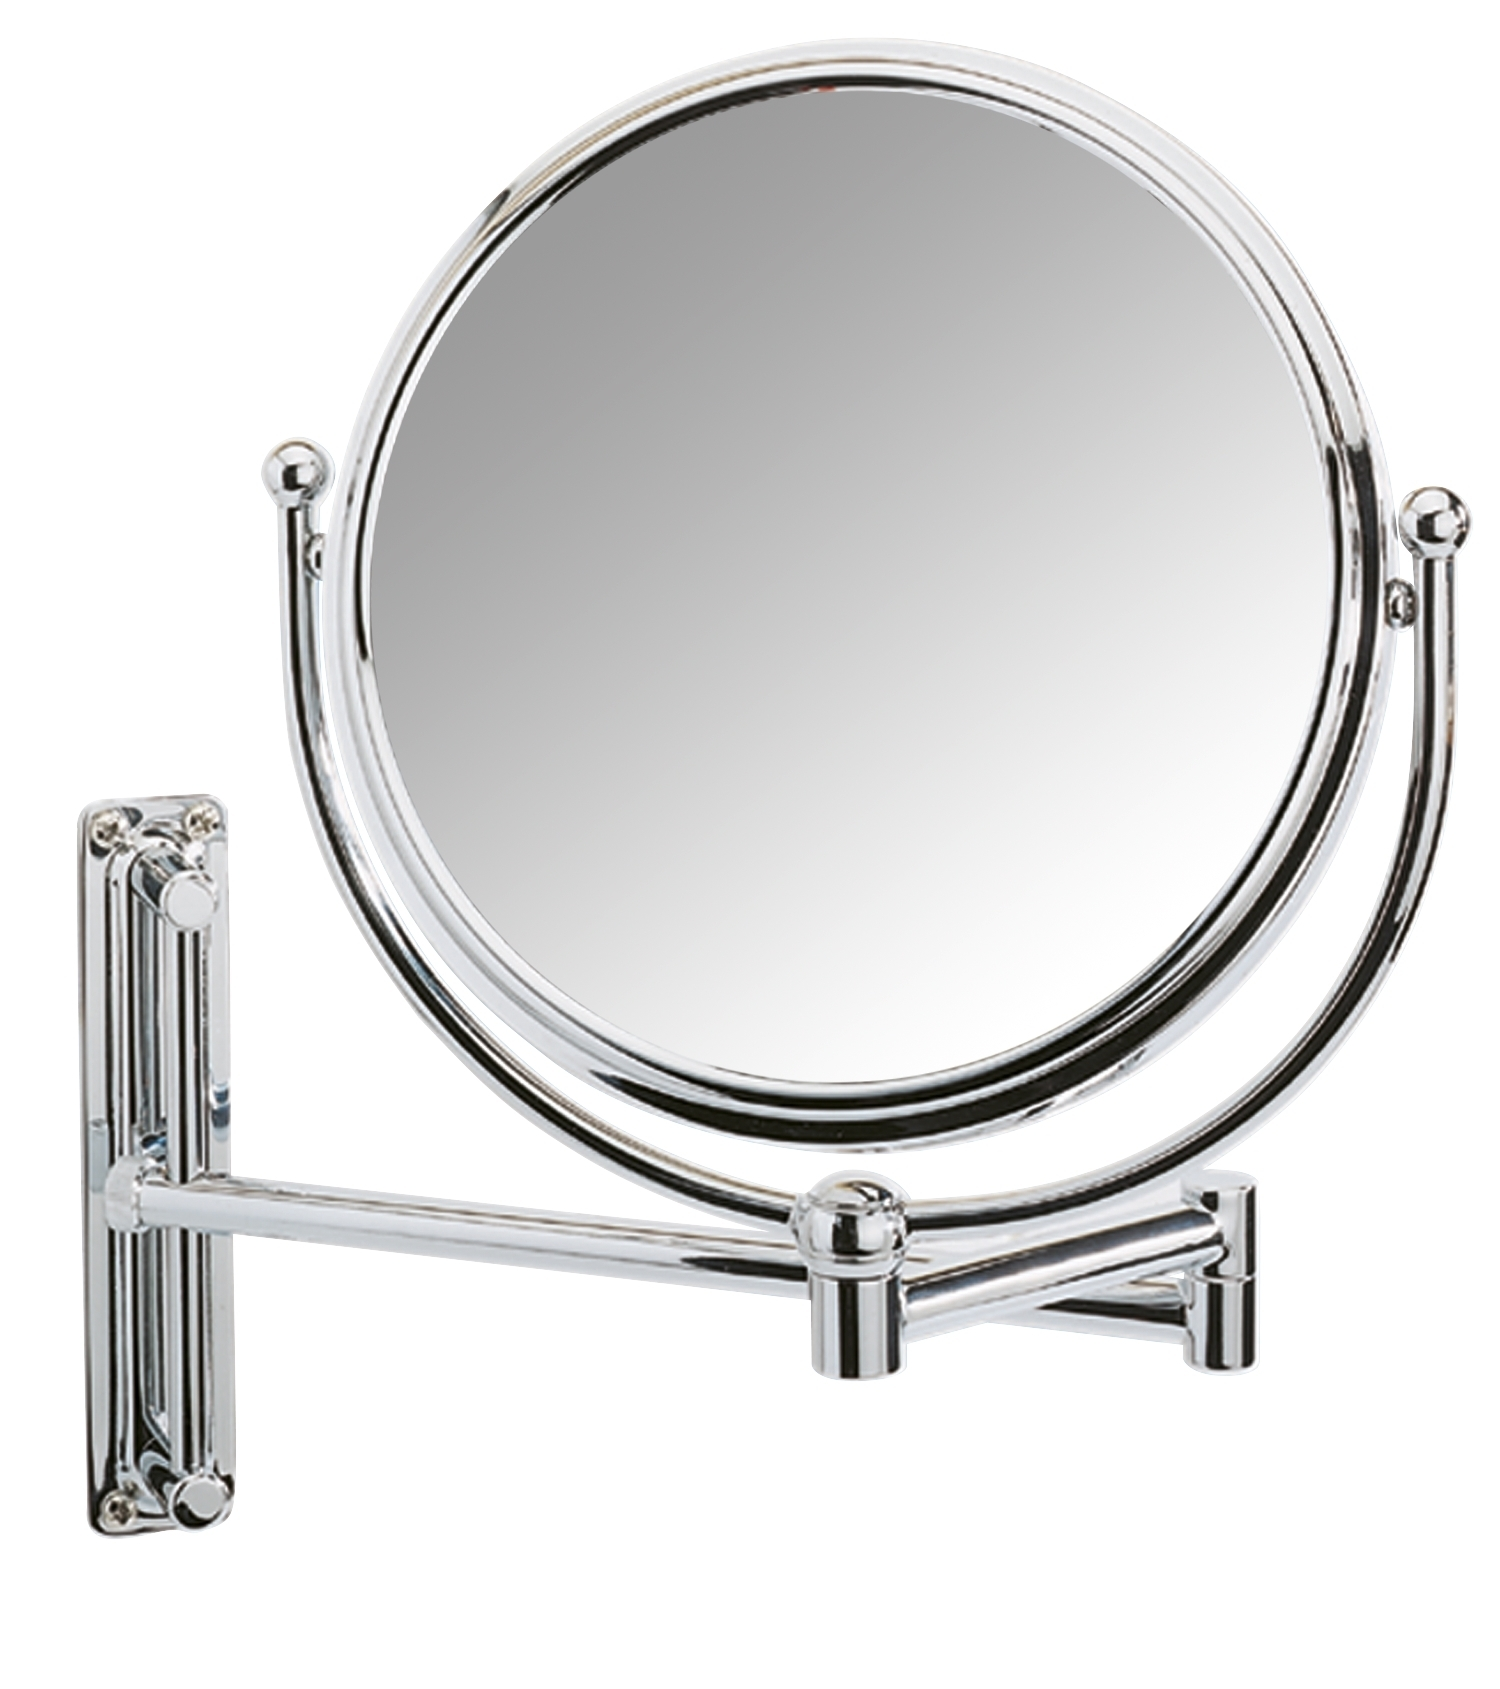 Oglinda cosmetica de perete, extensibila, Deluxe Crom, Ø19xl23-33xH28,5 cm imagine